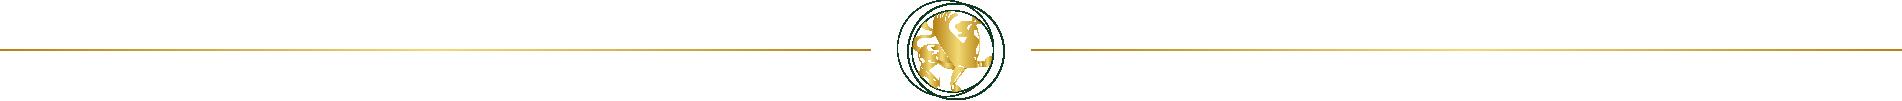 cabinet de curiosites saint-jean-cap-ferrat-decoration marine cannes-decoration ethnique menton-pret-a-porter nice-bijoux indiens monaco-tapis orientaux saint-laurent-du-var-antiquites antibes-objets de decoration alpes-maritimes